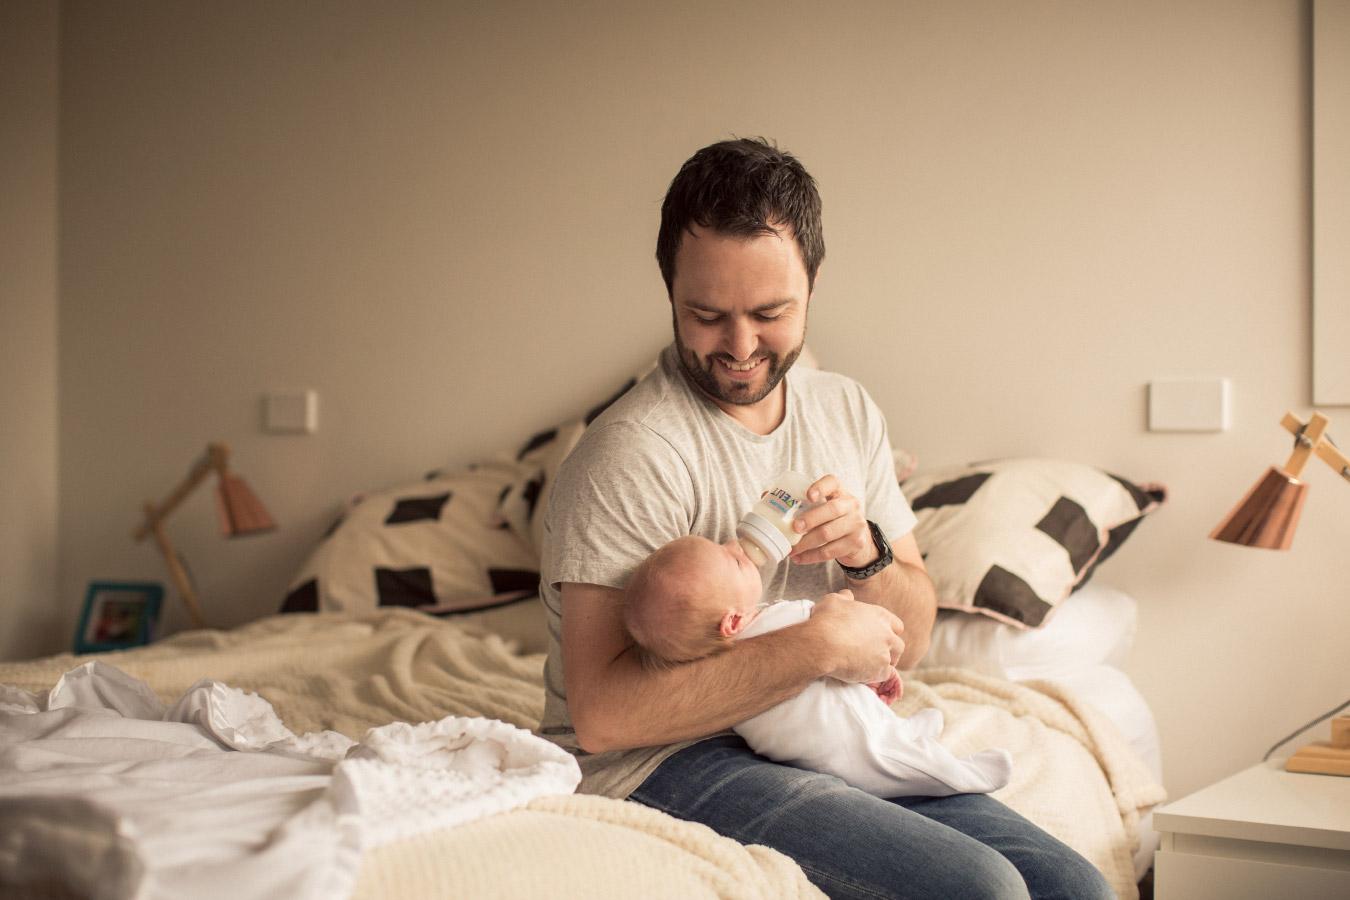 newborn-baby-photographer-beaumaris-mentone-bayside-76